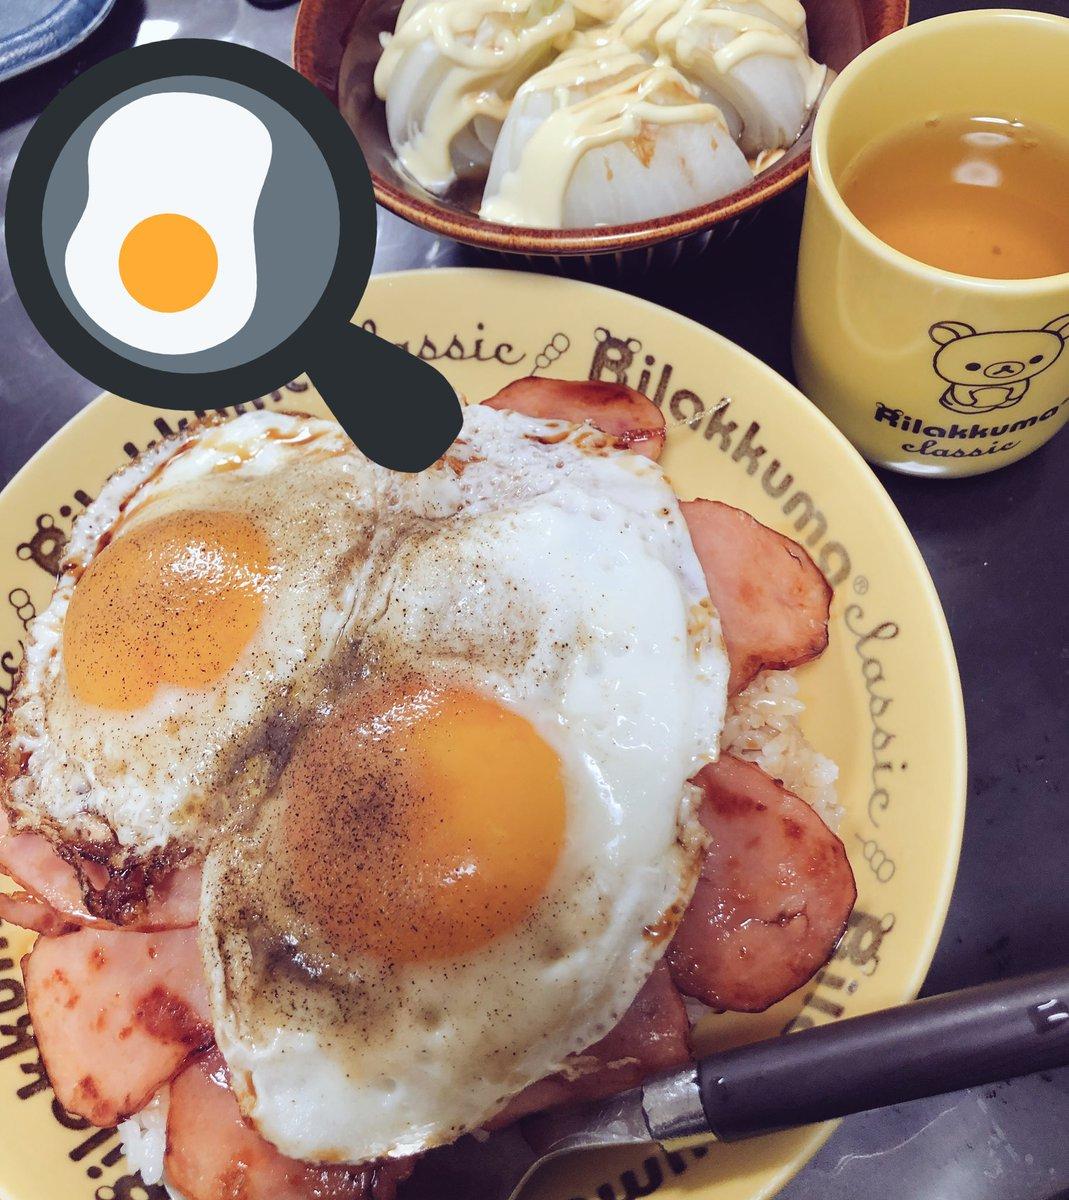 test ツイッターメディア - 今日の晩御飯は焼豚玉子飯を食べたいとの事でよくわかんないけど適当にタレから作ったお…新玉ねぎの季節だね…( ˇωˇ ) https://t.co/hhrfQambJm